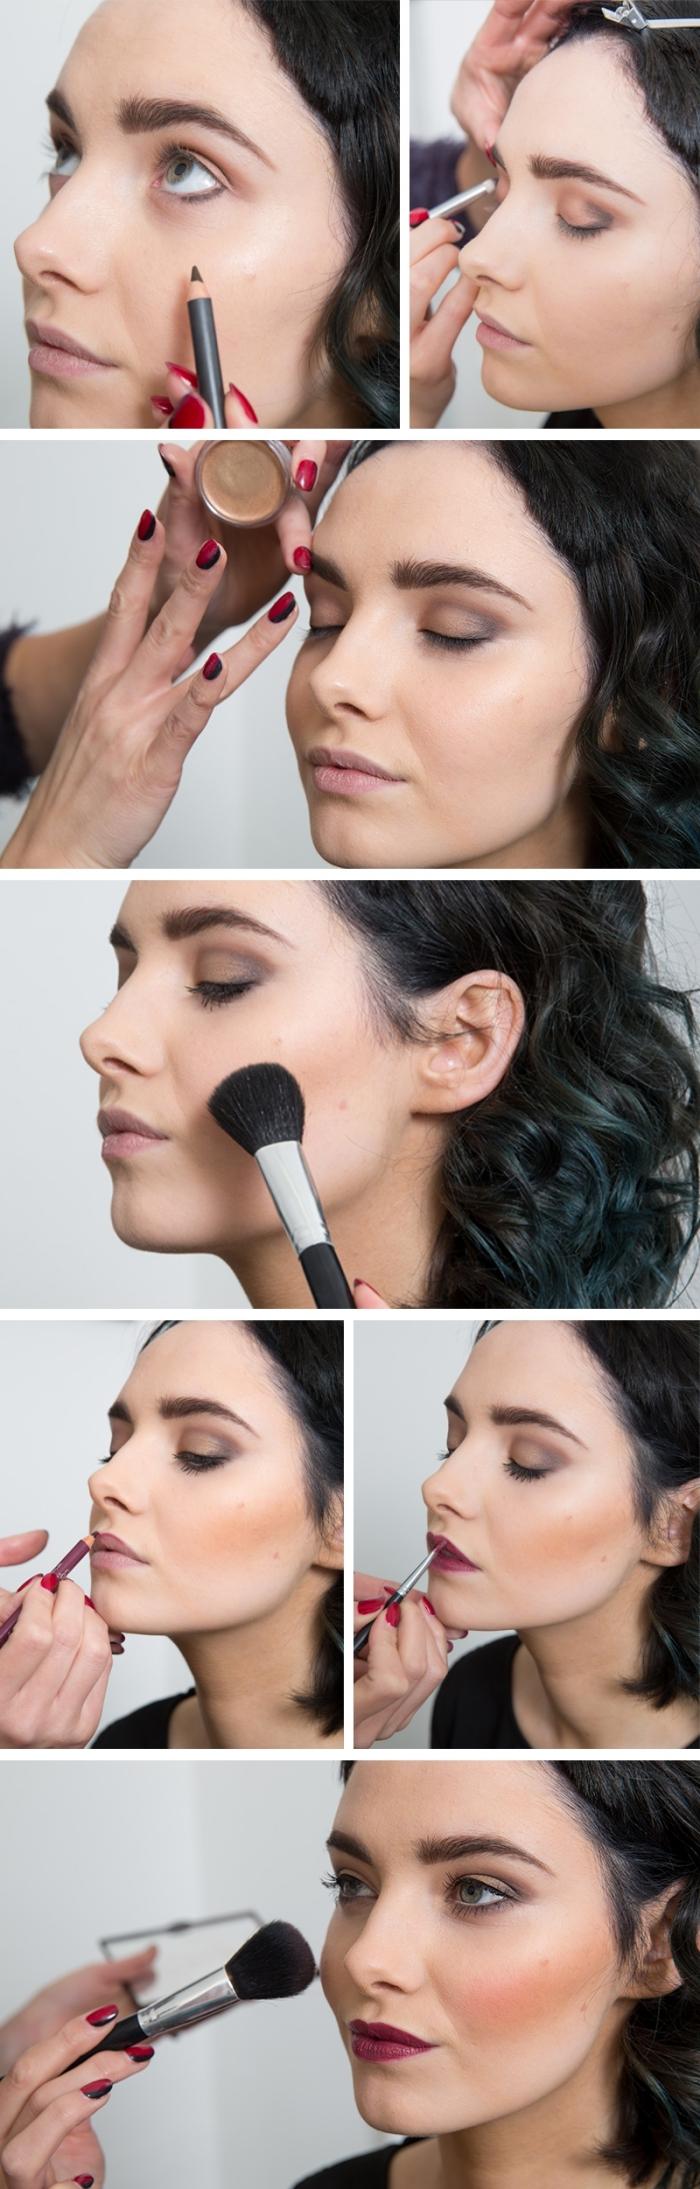 étapes à suivre pour réaliser un maquillage de Noël traditionnel aux lèvres rouge foncé, exemple de makeup noel à la maison